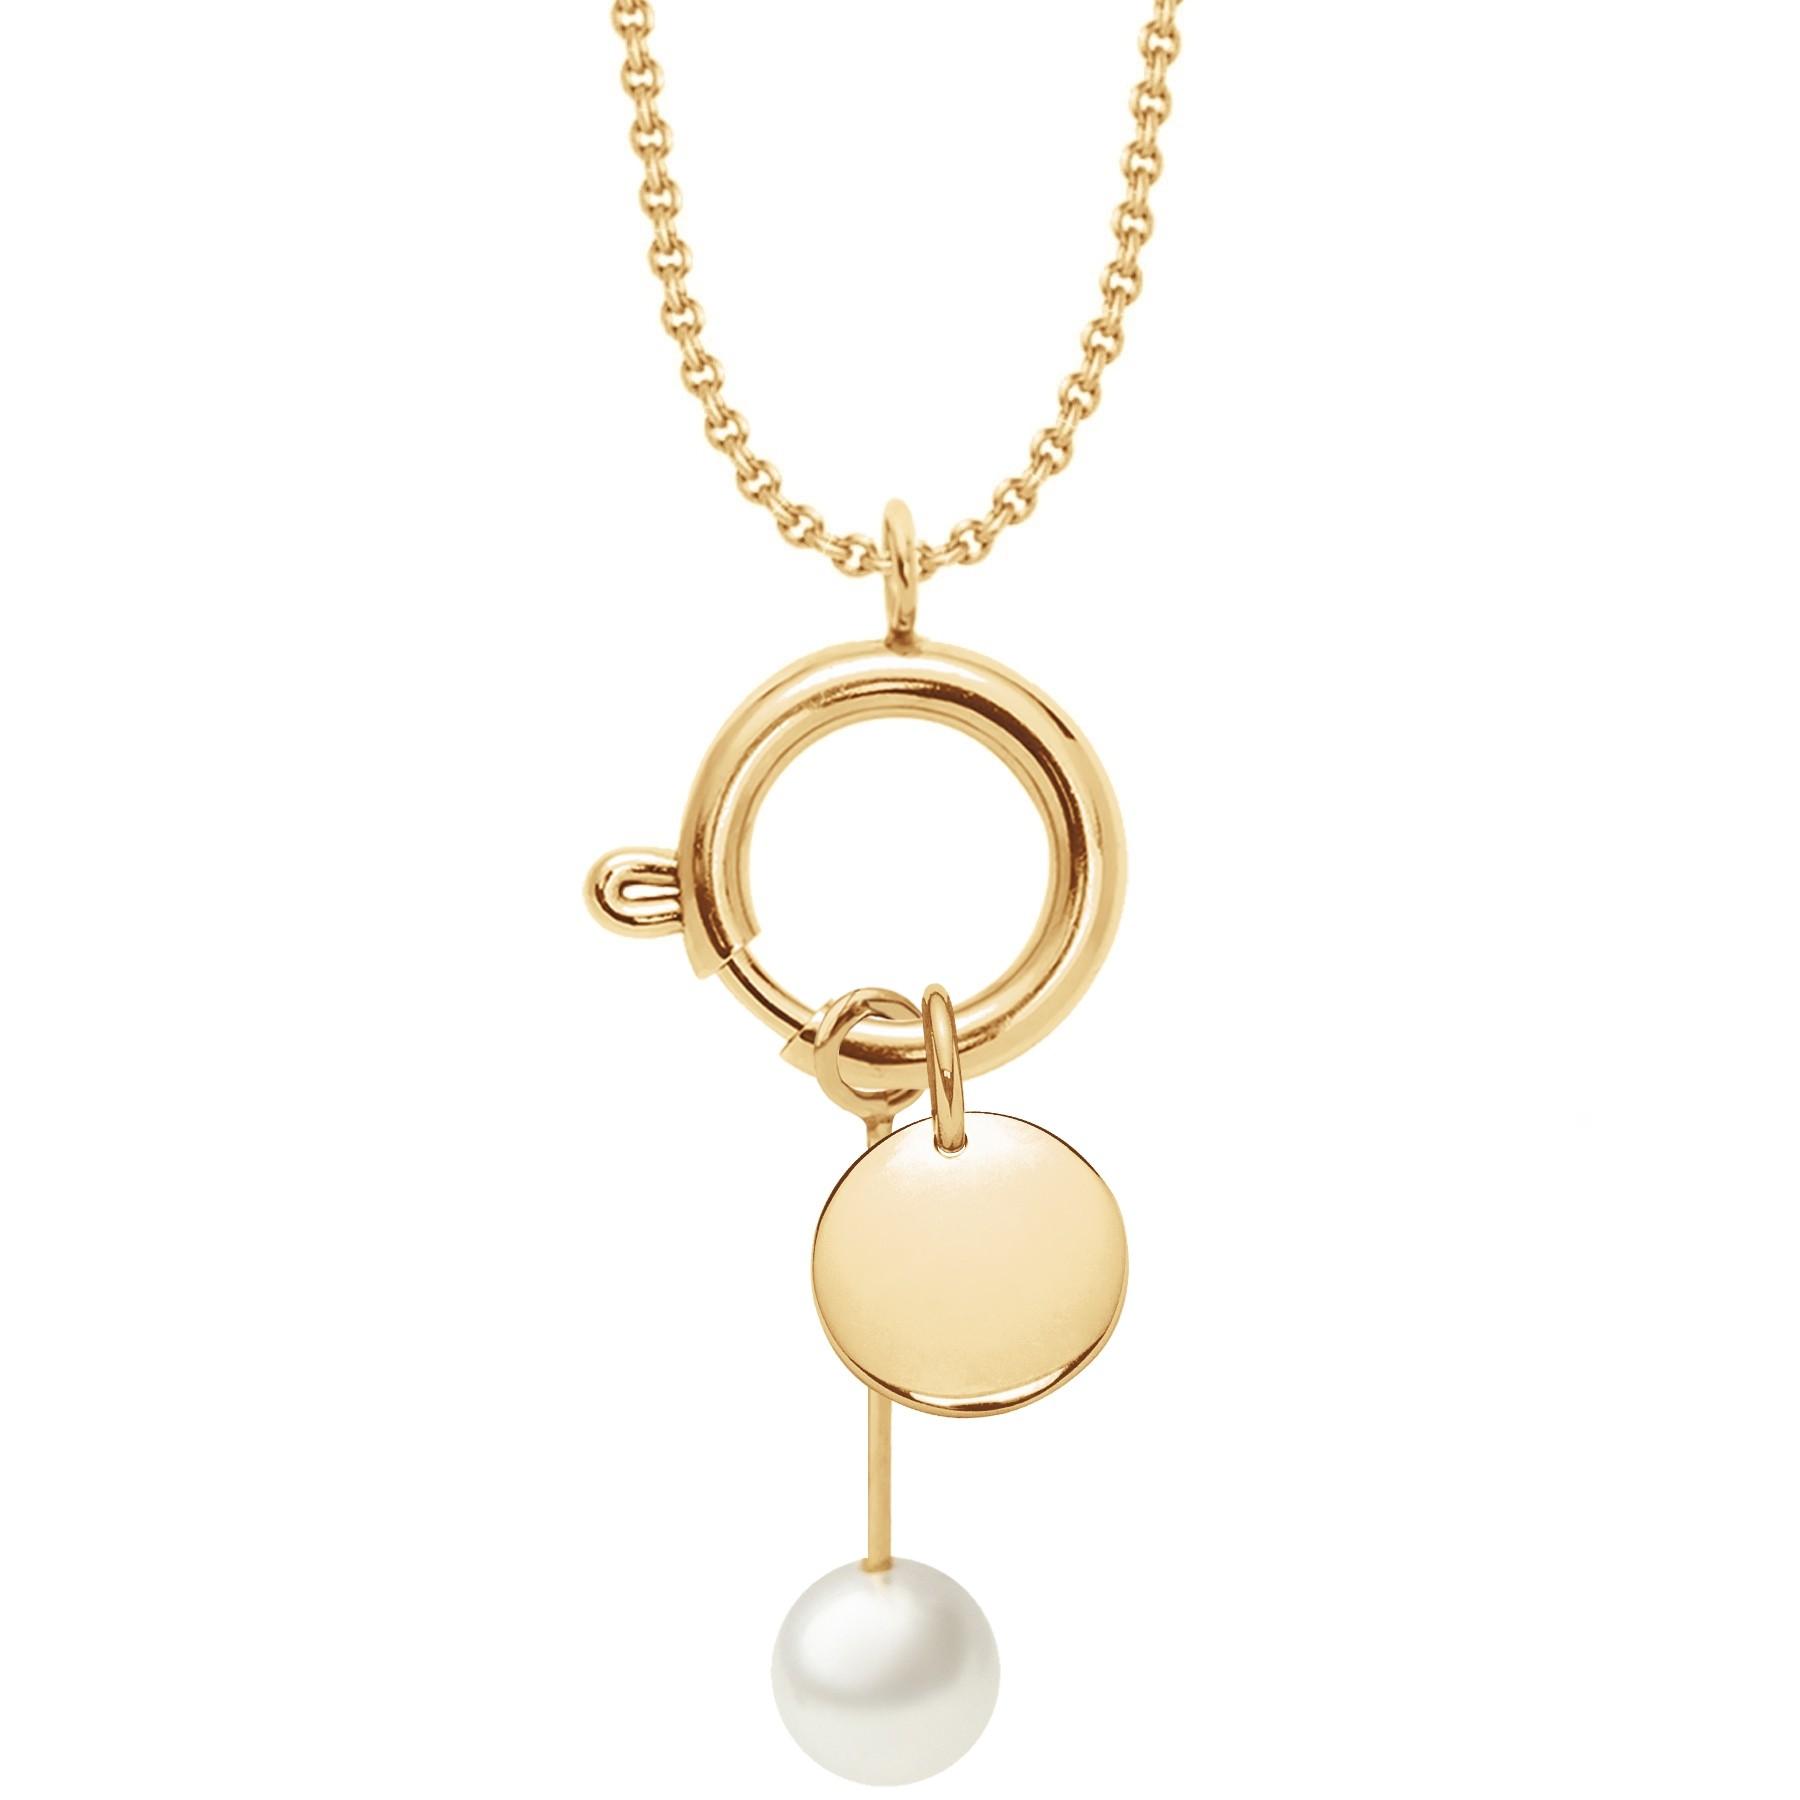 Collier-fermoir bijou, pendentif perle et médaillon, plaqué or